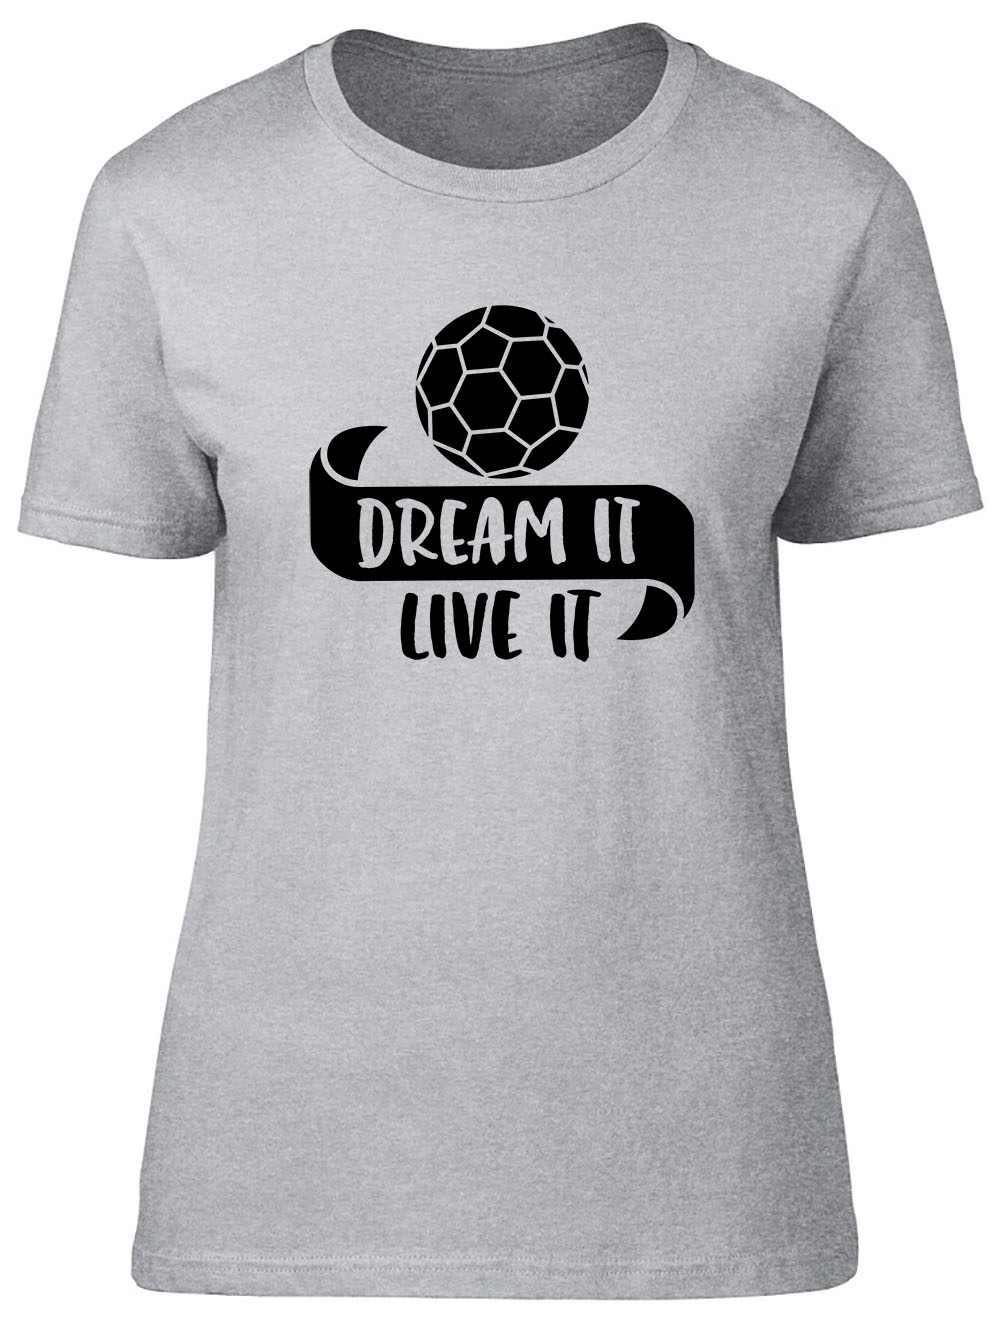 miniatura 8 - Dream It Live It - Handball Fitted Womens Ladies T Shirt